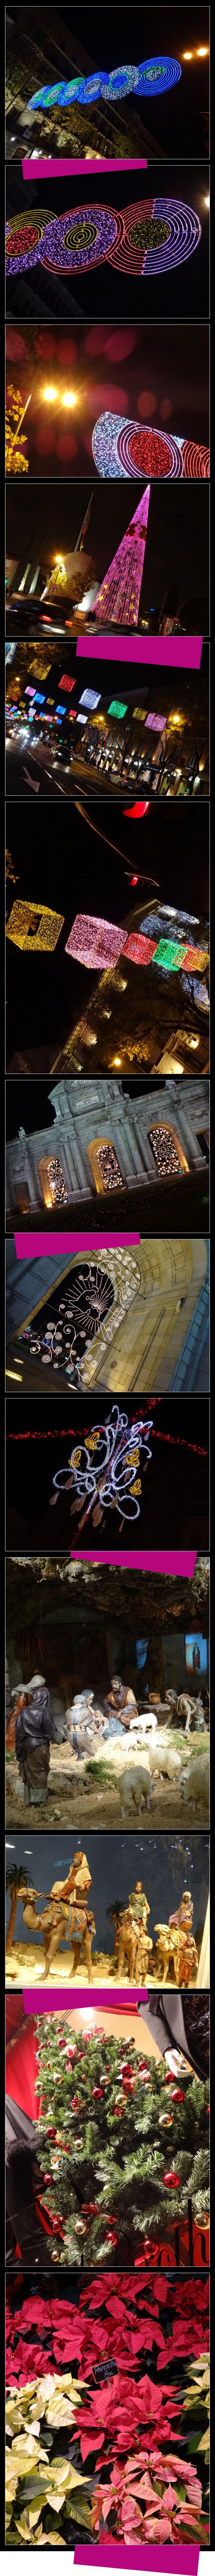 Fotos de María León de la Navidad en Madrid con la nueva SONY QX10